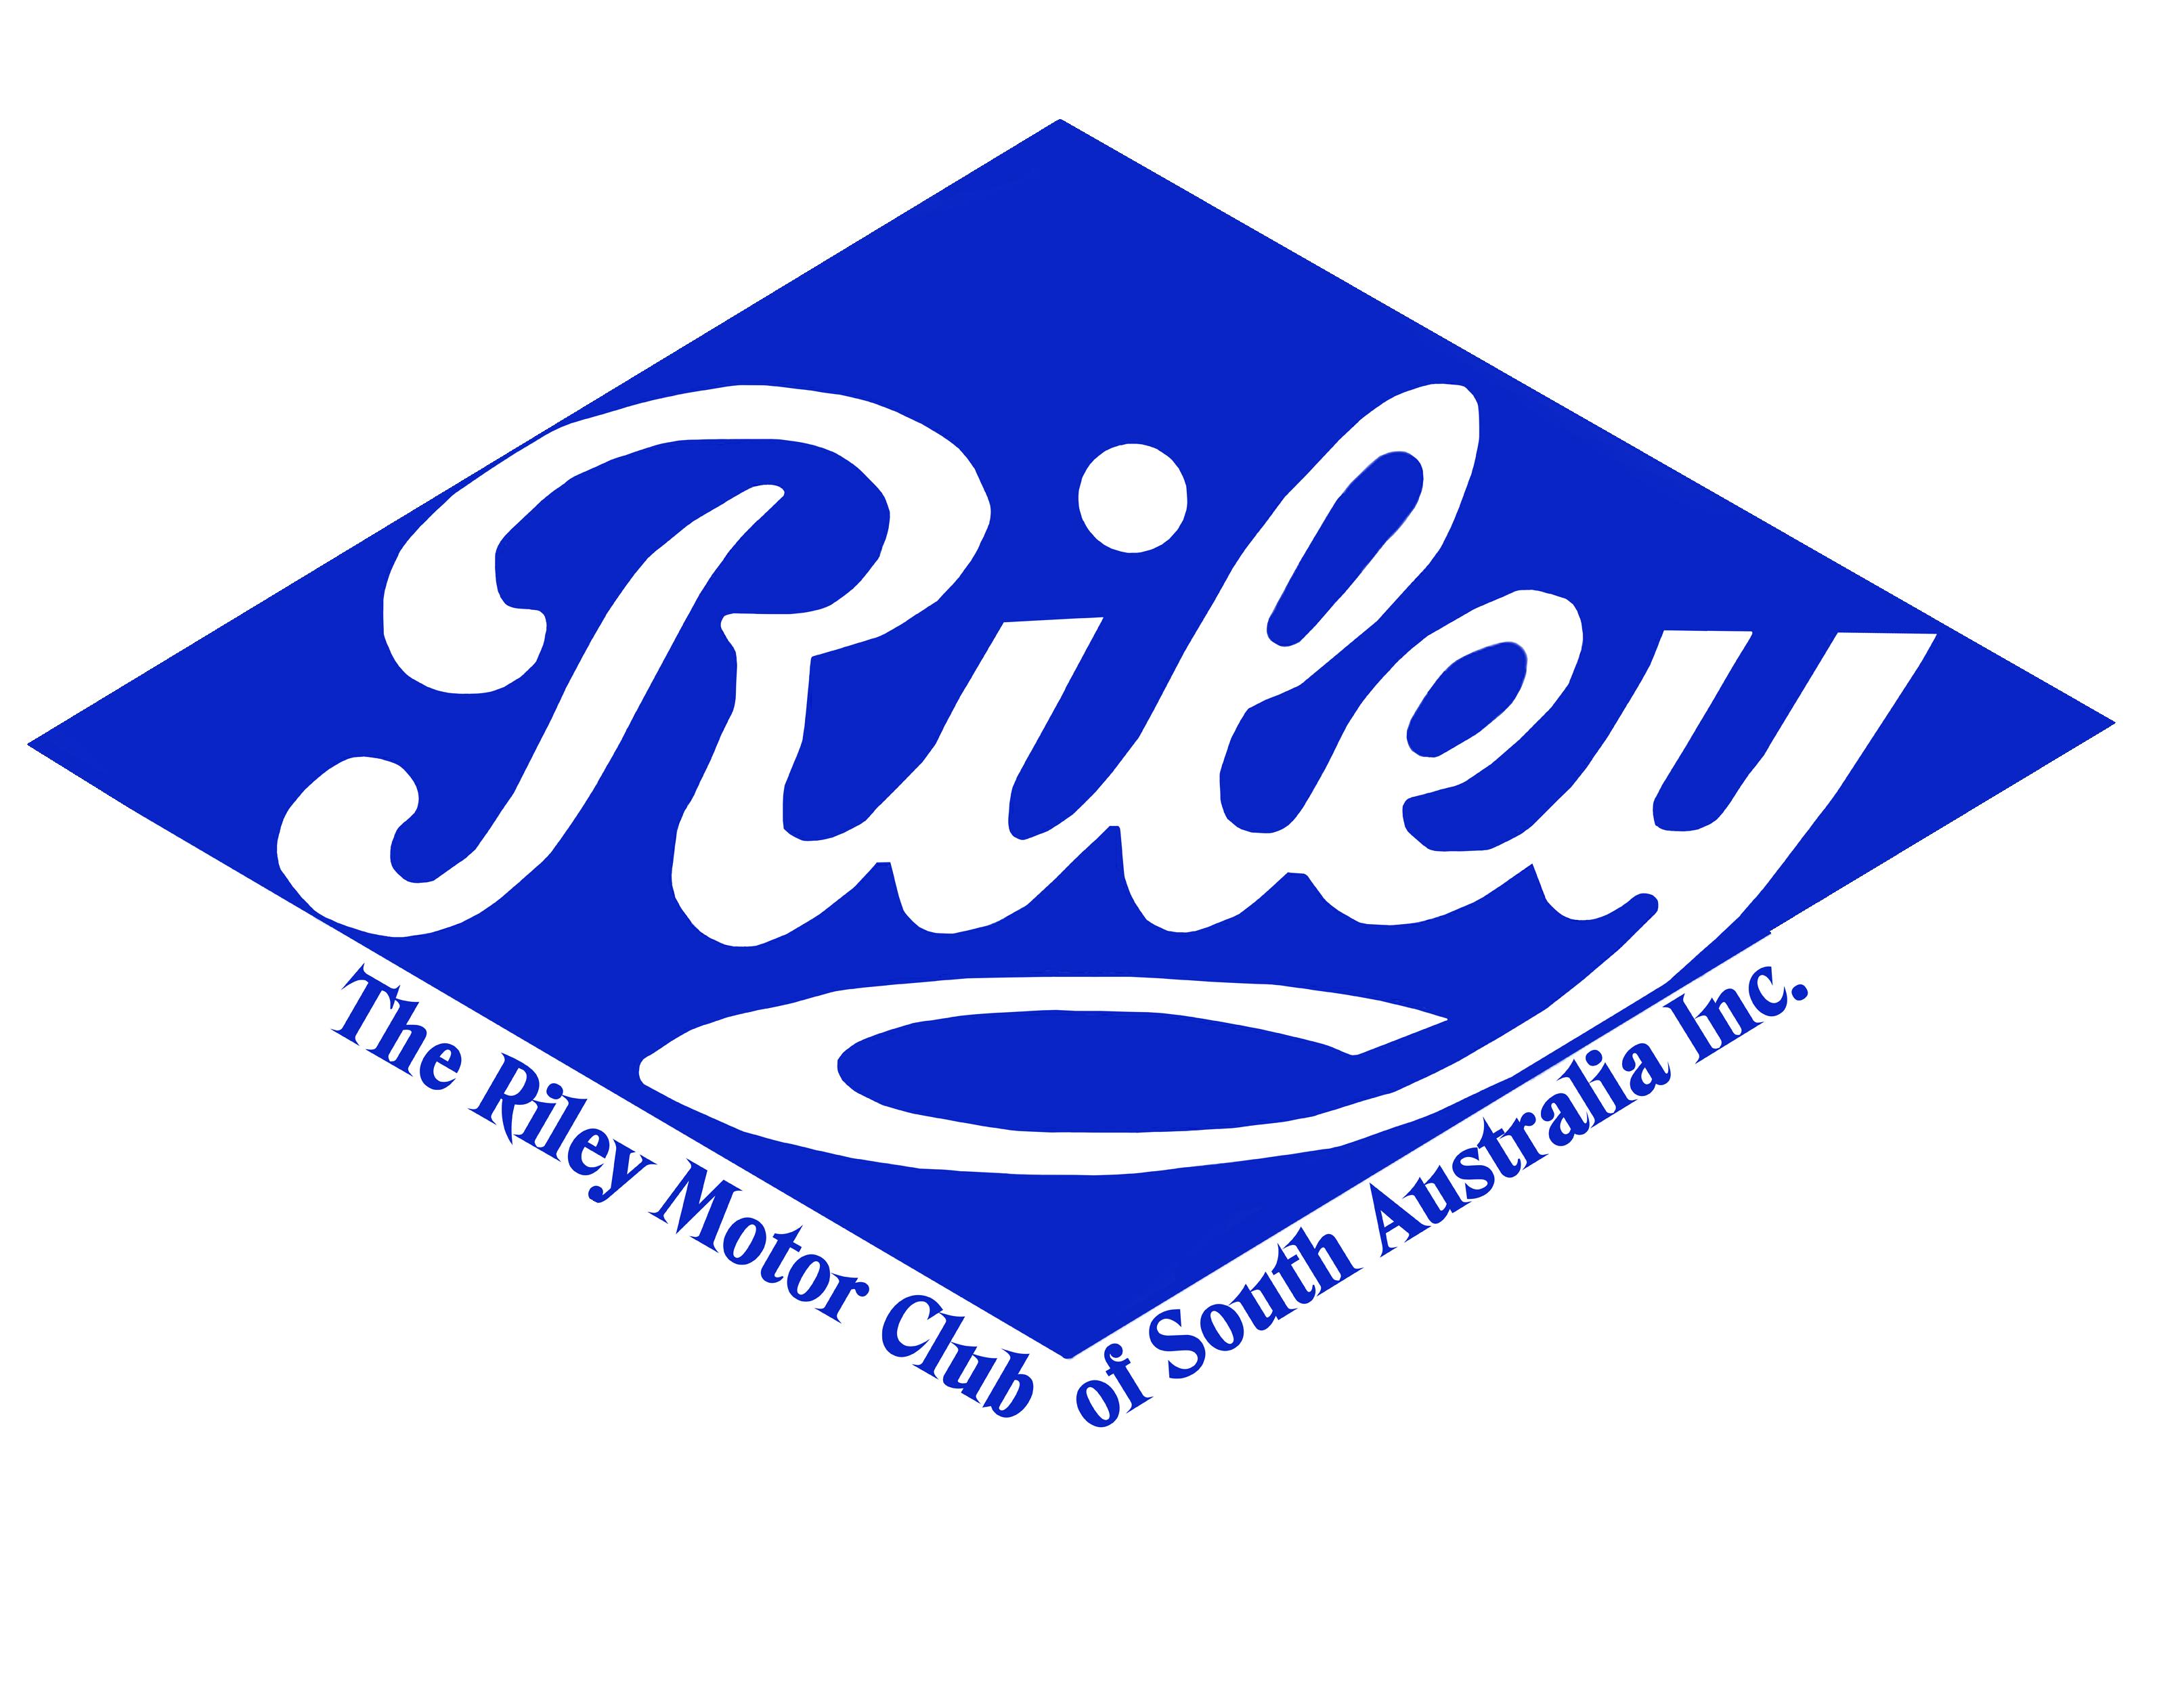 Riley Club SA logo